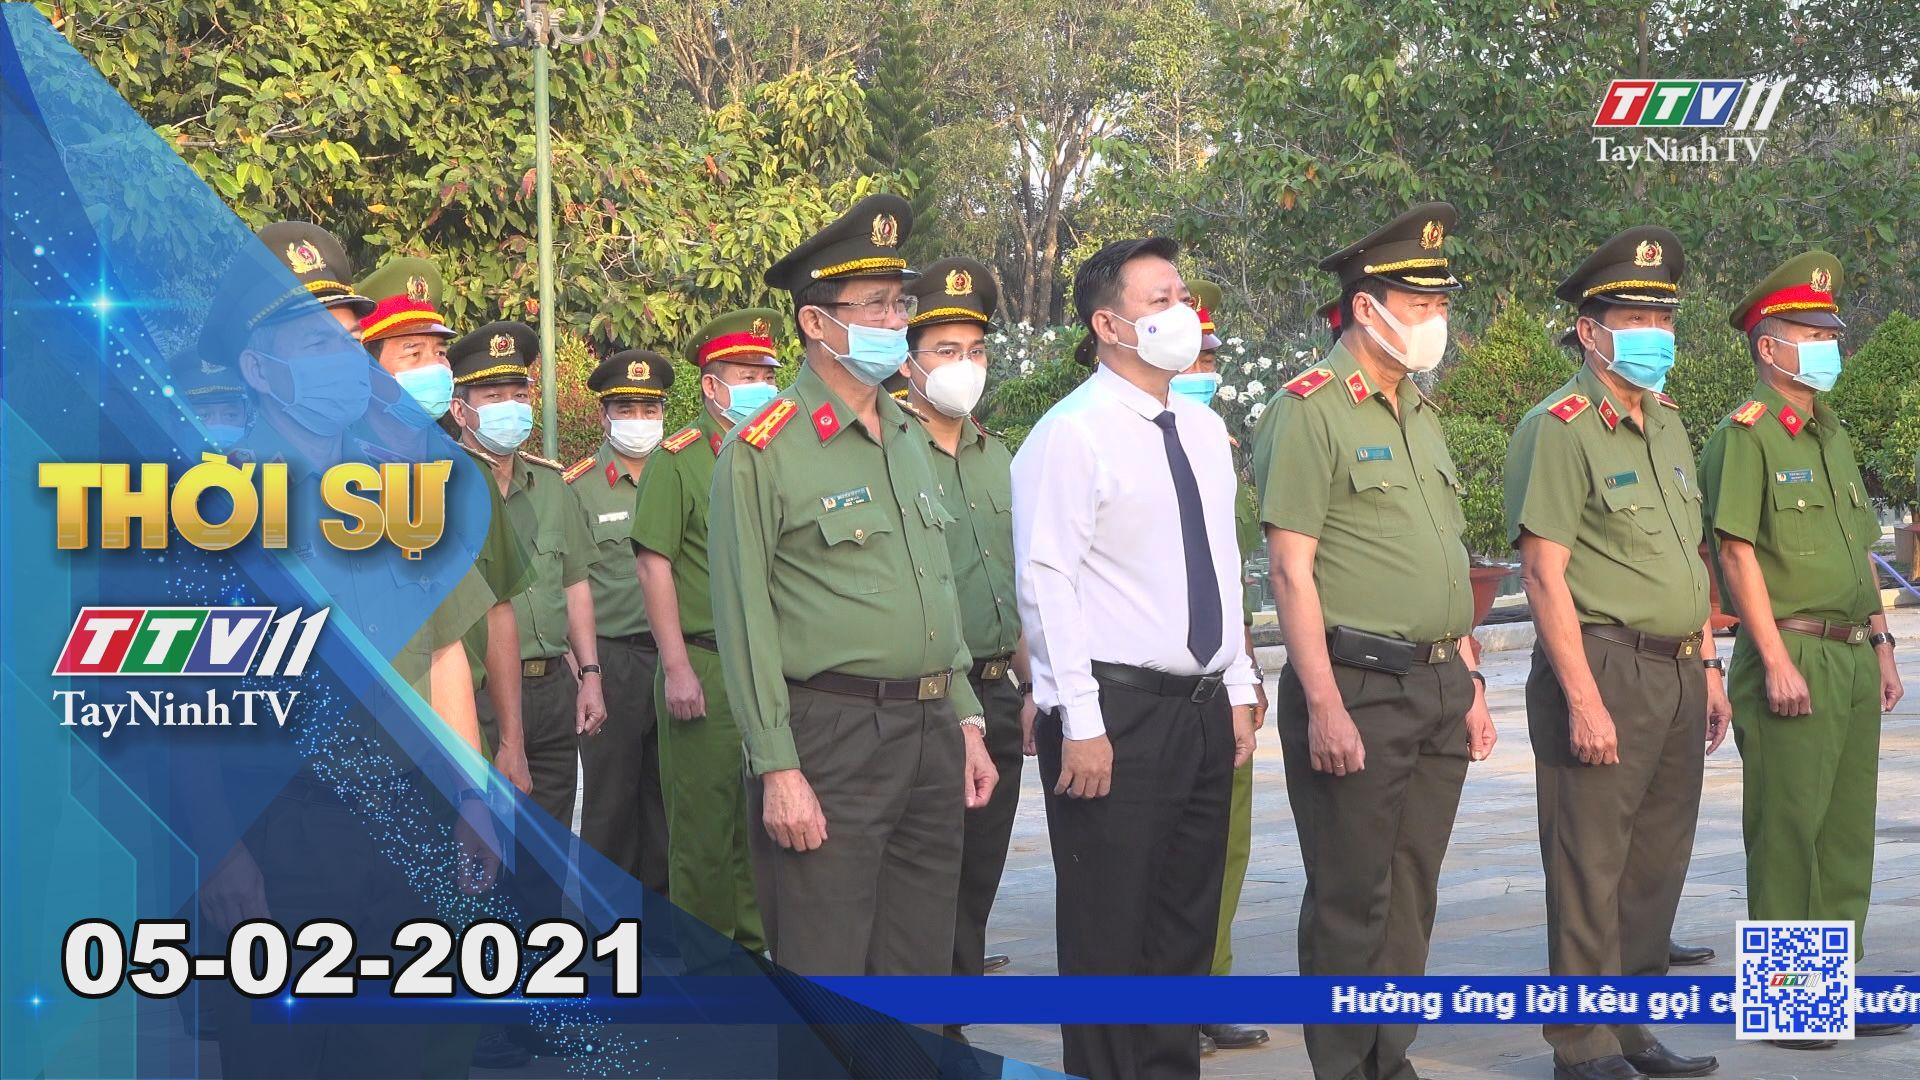 Thời sự Tây Ninh 05-02-2021 | Tin tức hôm nay | TayNinhTV